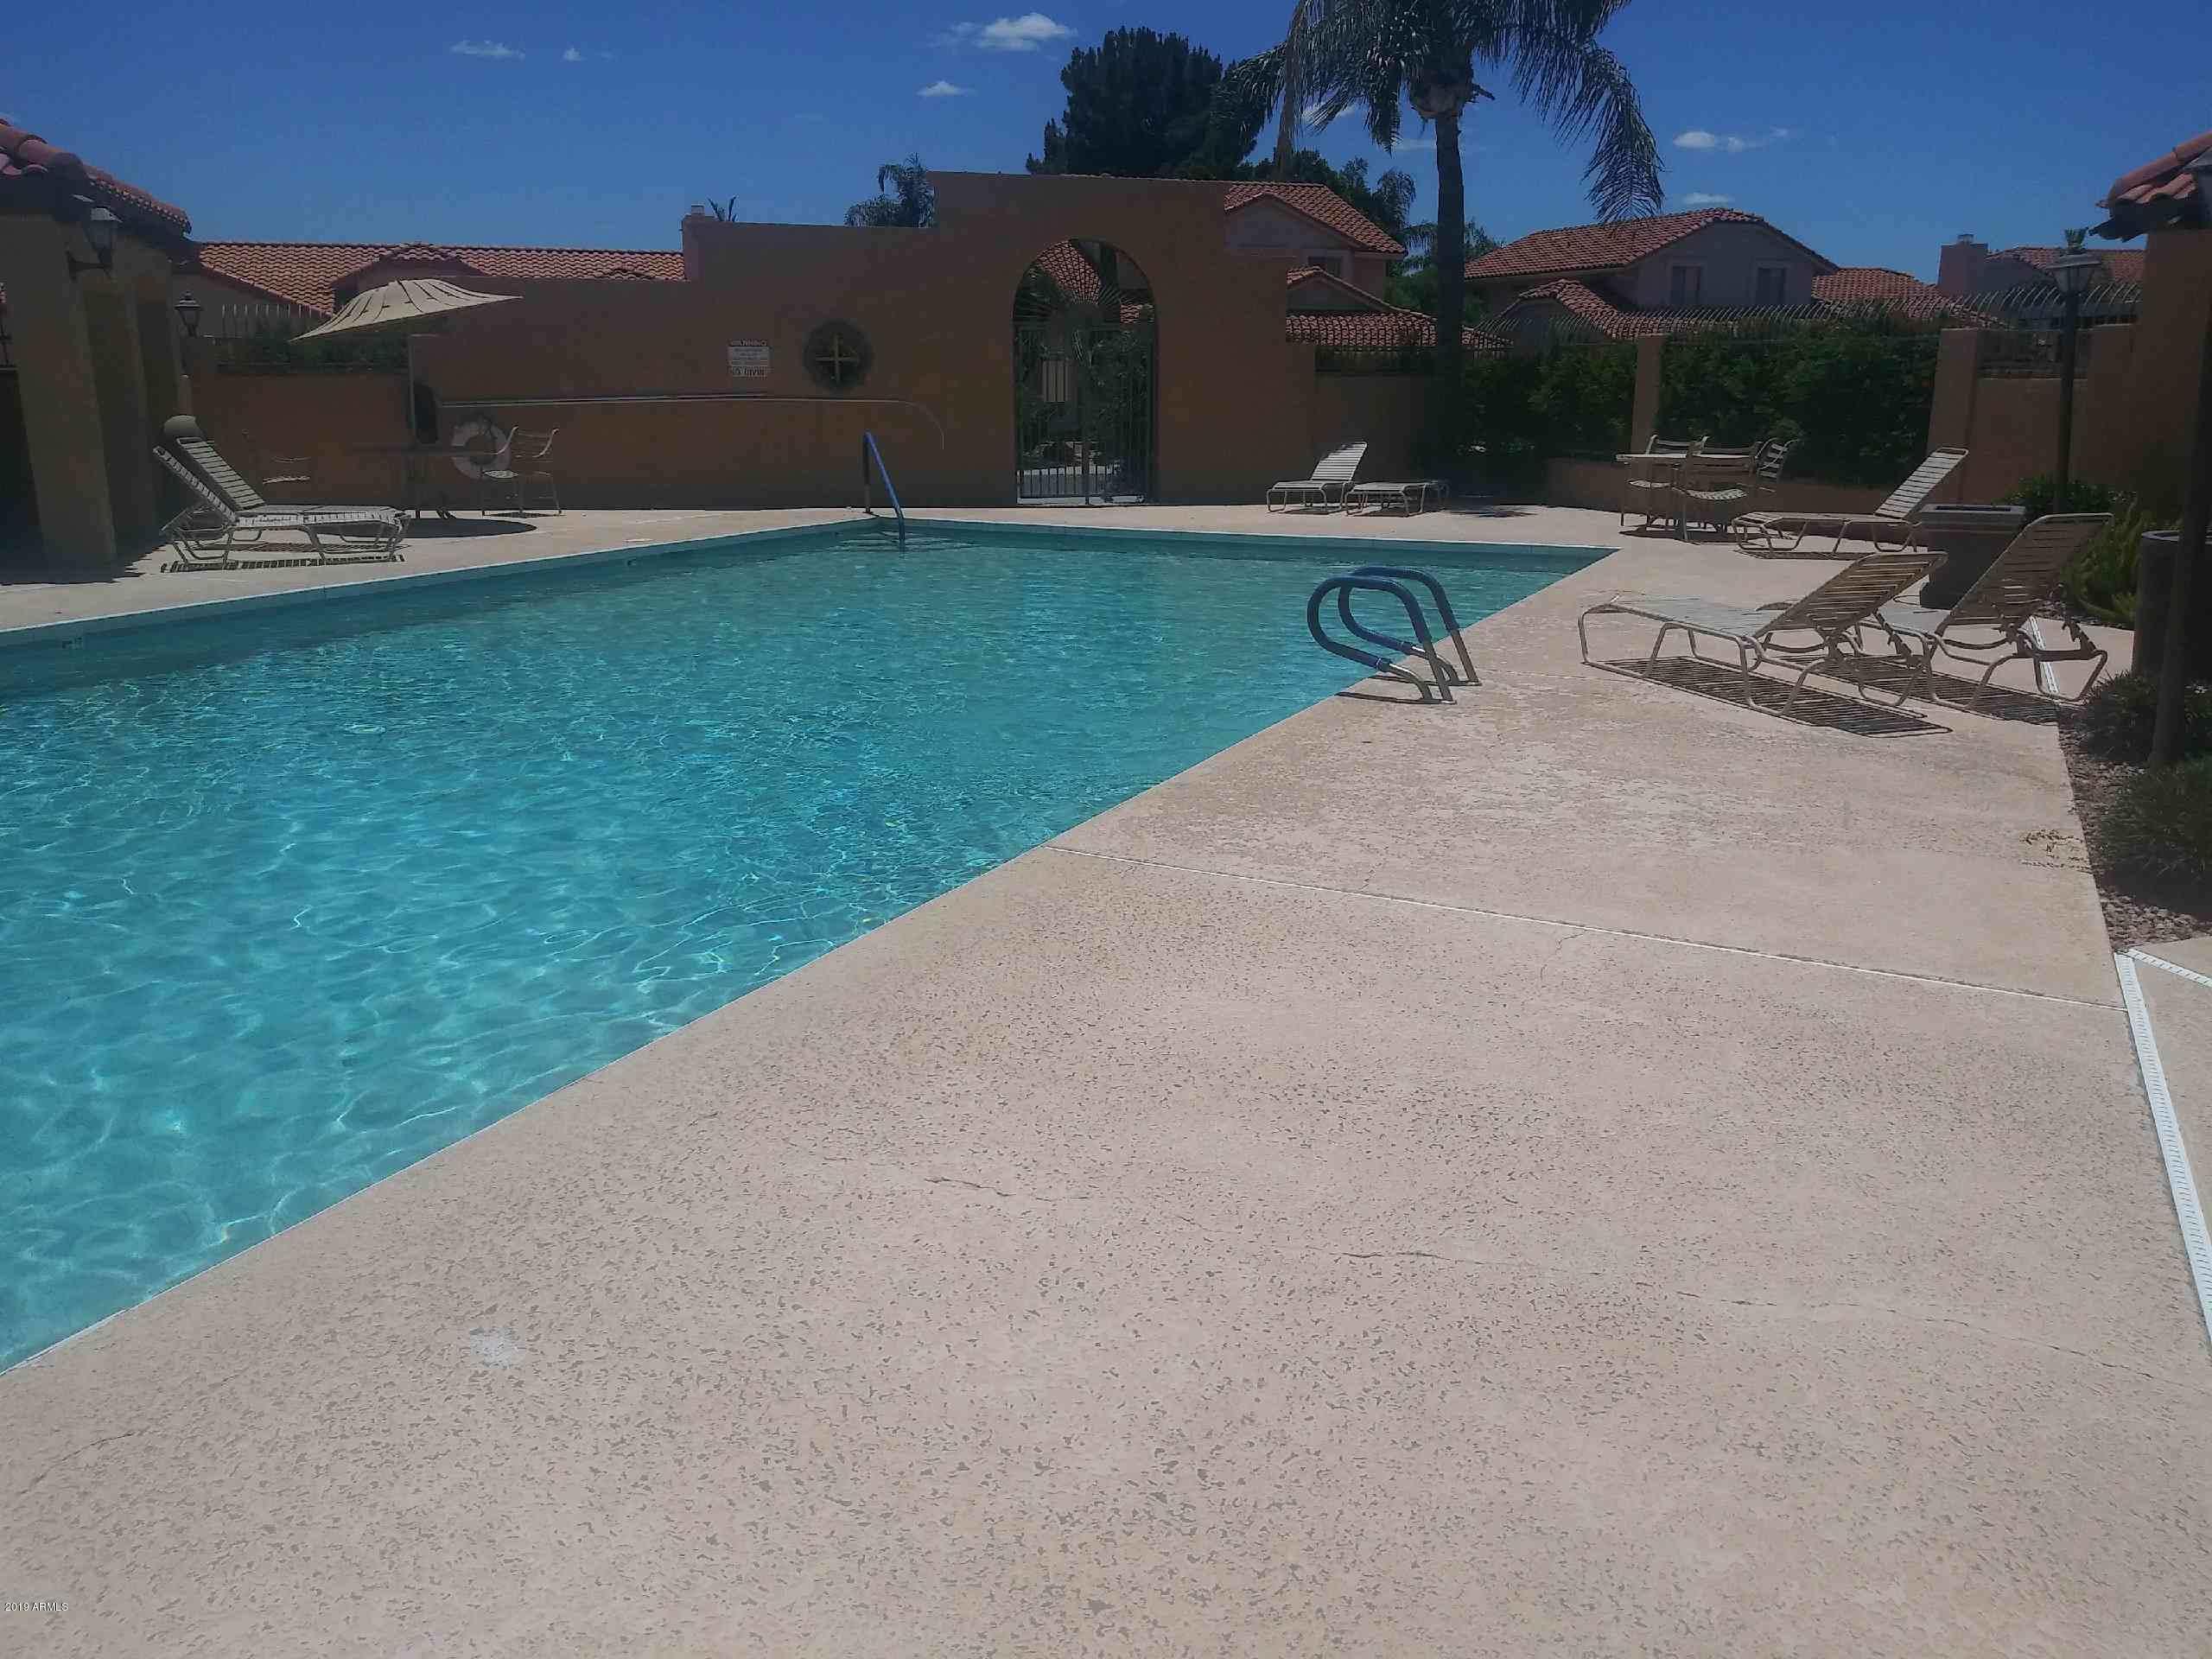 MLS 5933028 5704 E AIRE LIBRE Avenue Unit 1069, Scottsdale, AZ 85254 Scottsdale AZ Scottsdale Airpark Area